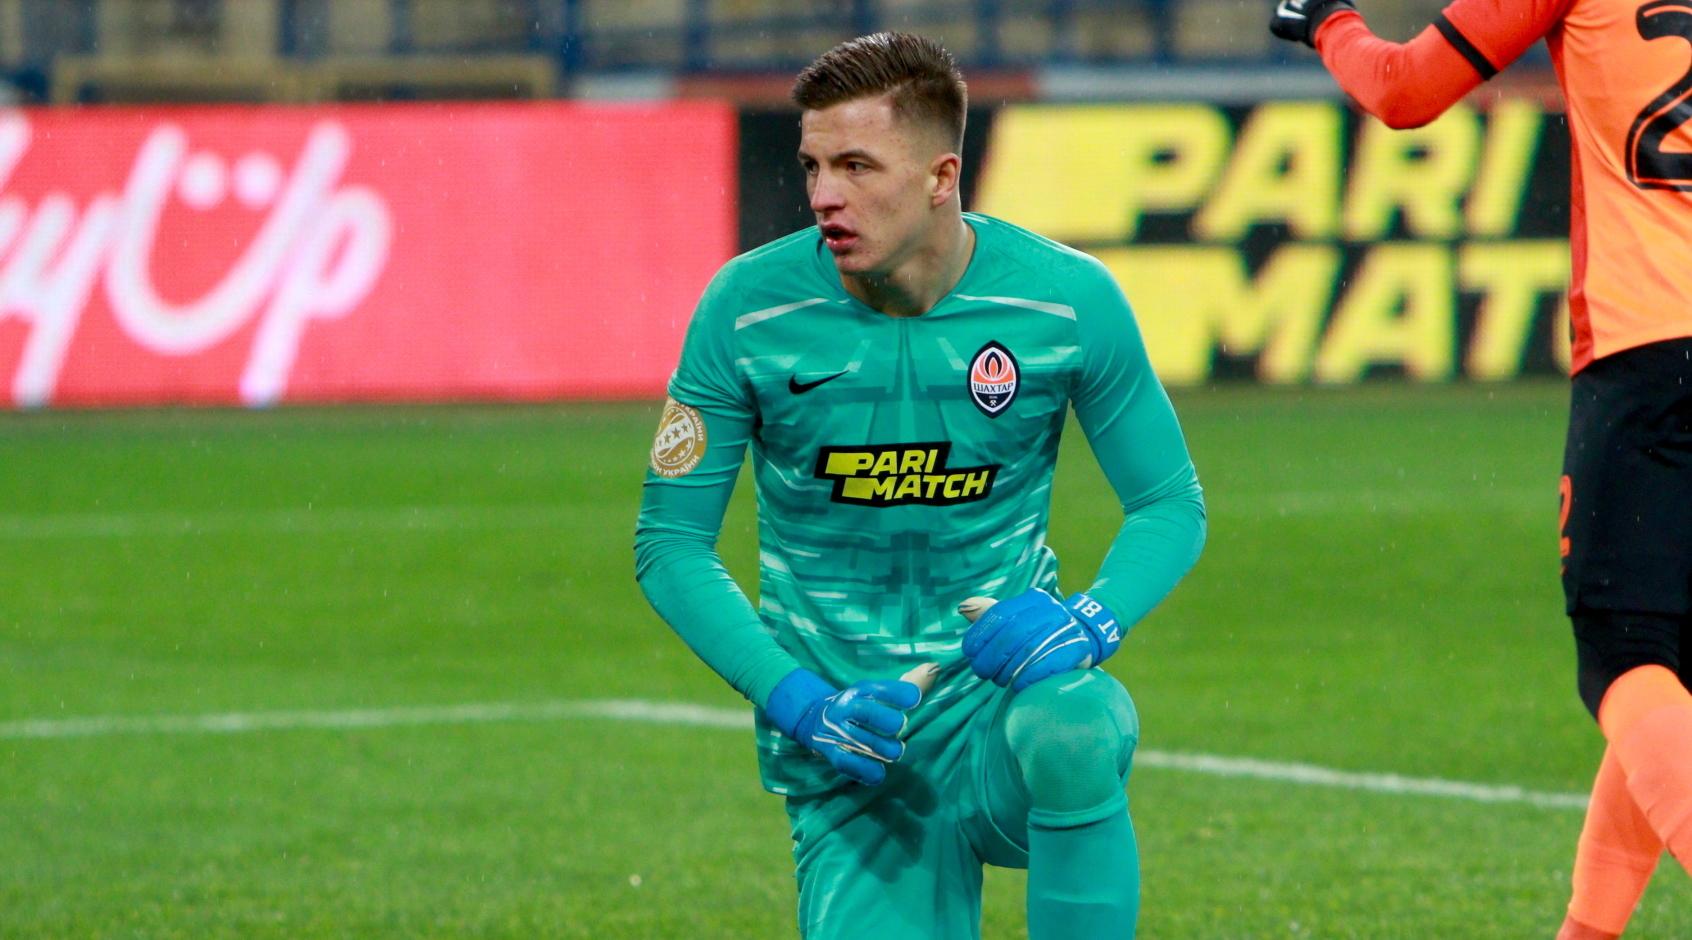 Молодые таланты УПЛ, или кто раскрылся в минувшем сезоне чемпионата Украины: часть первая - изображение 1